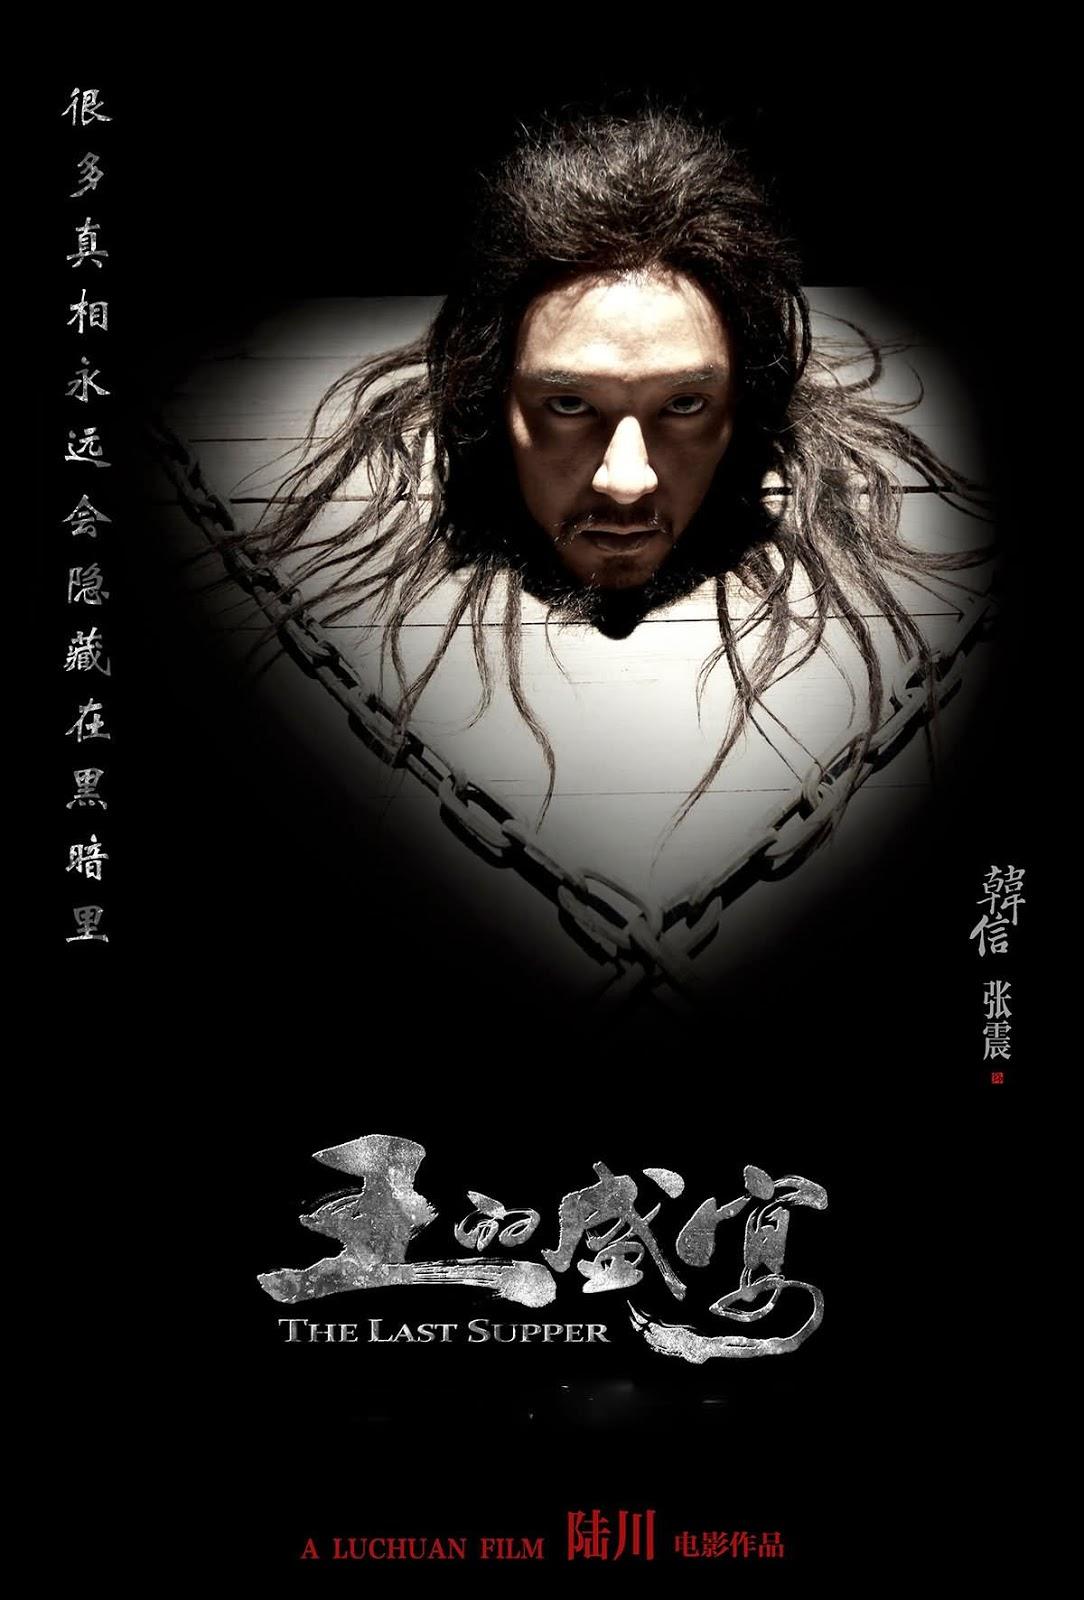 Chang Chen as Han Xin